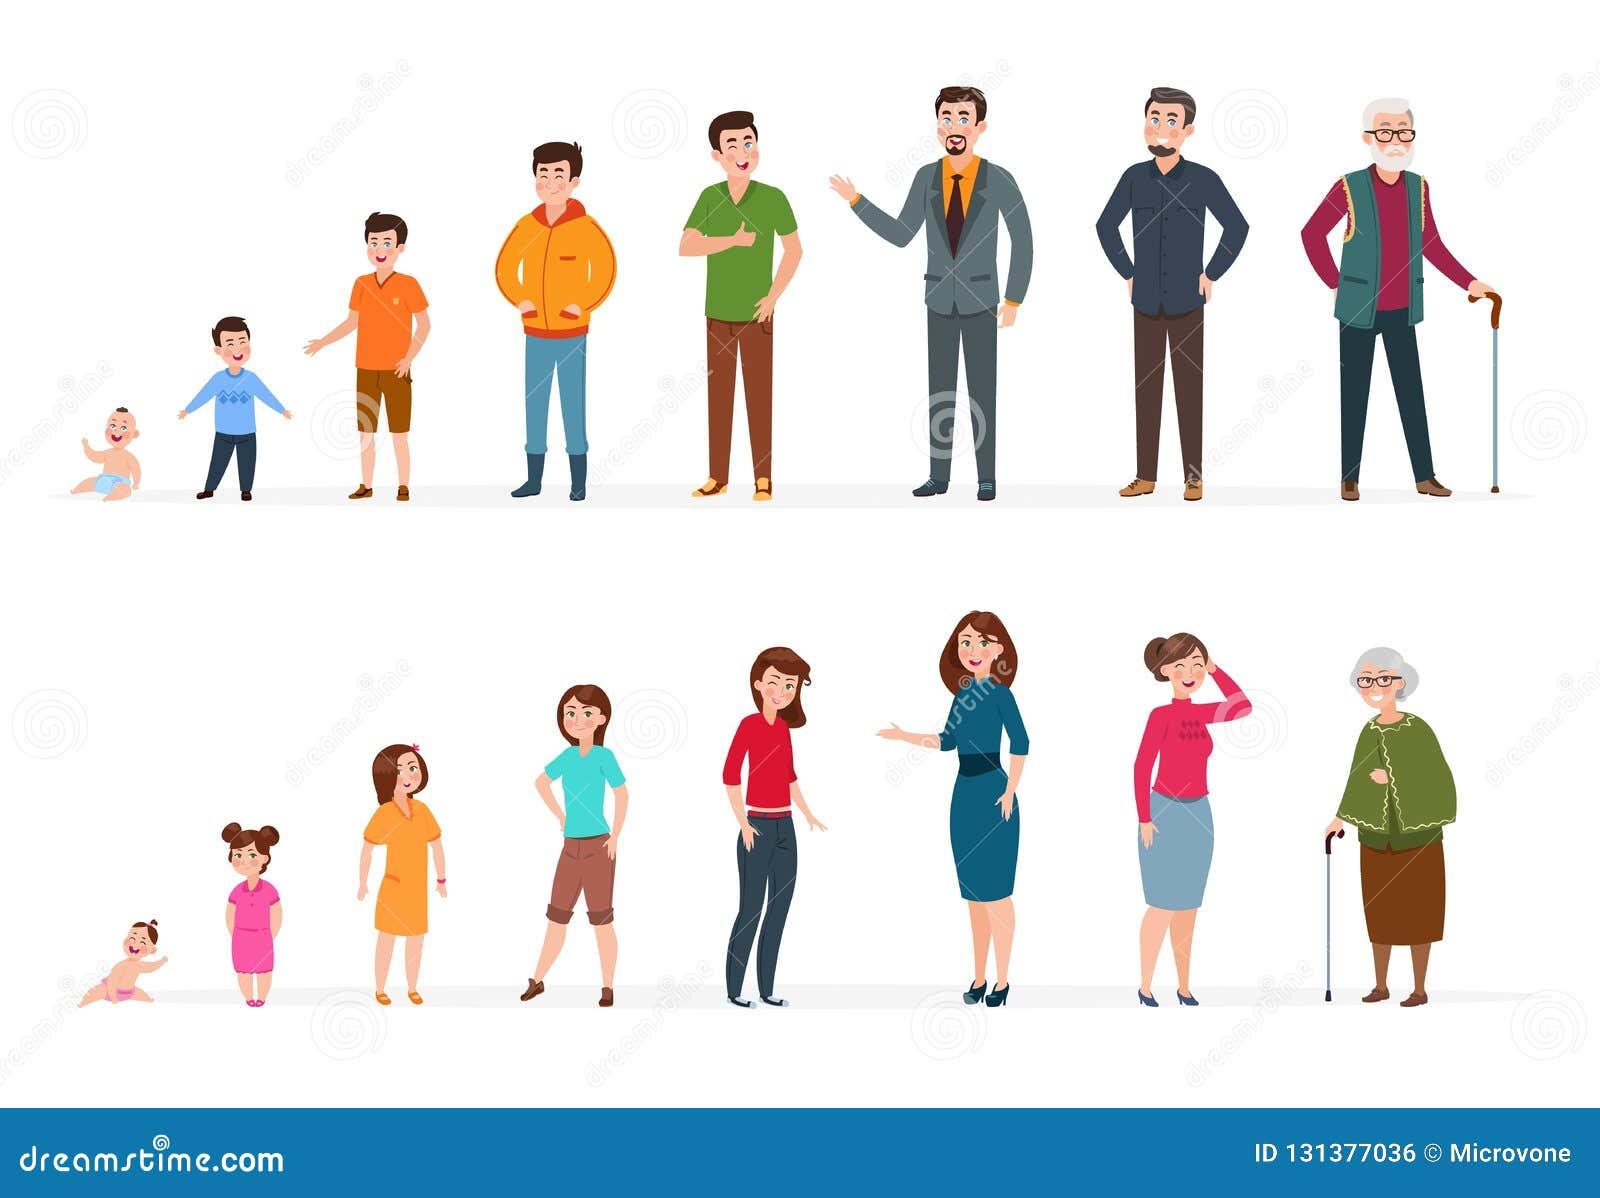 不同的年龄的人世代 人妇女婴孩,孩子少年,年轻成人年长人 人的年龄传染媒介